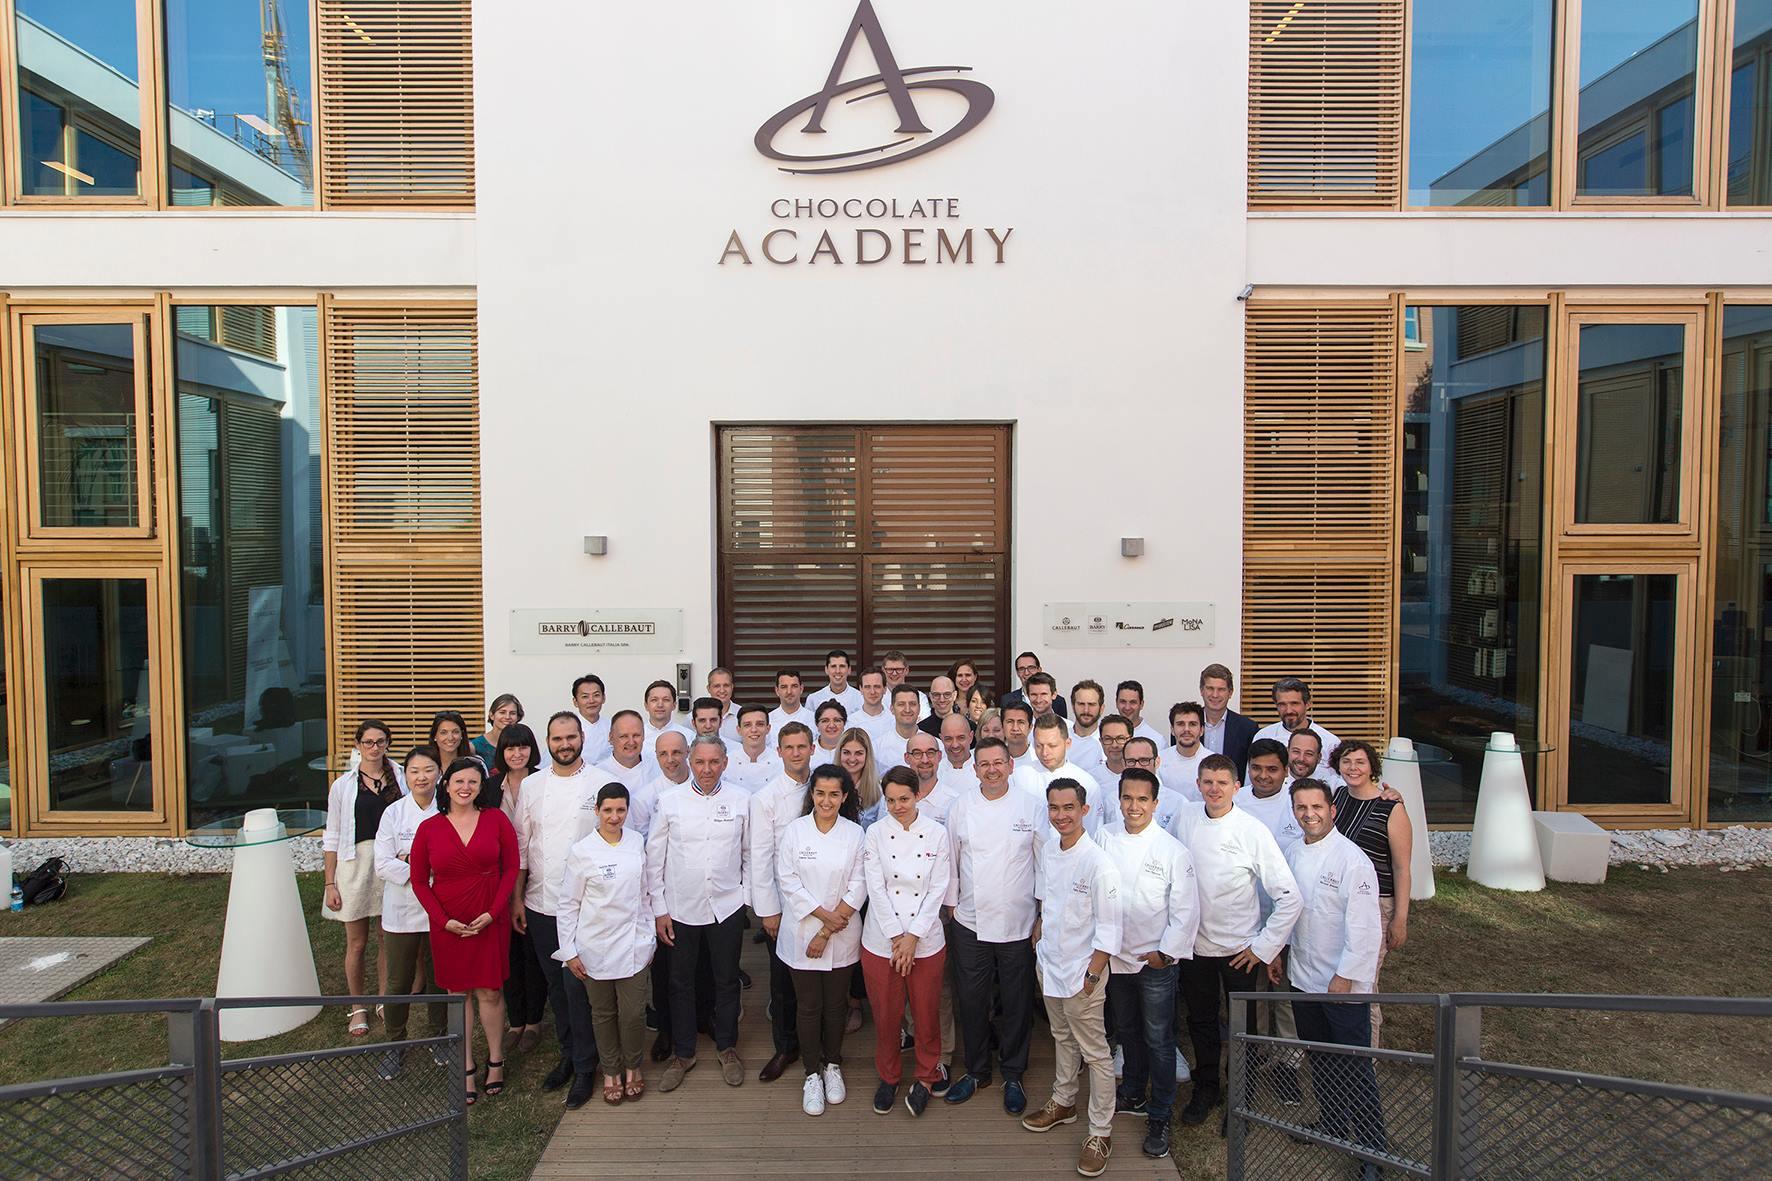 Dopo il successo dei corsi 2017, il Chocolate AcademyTM Center Milano presenta l'offerta didattica per il nuovo anno